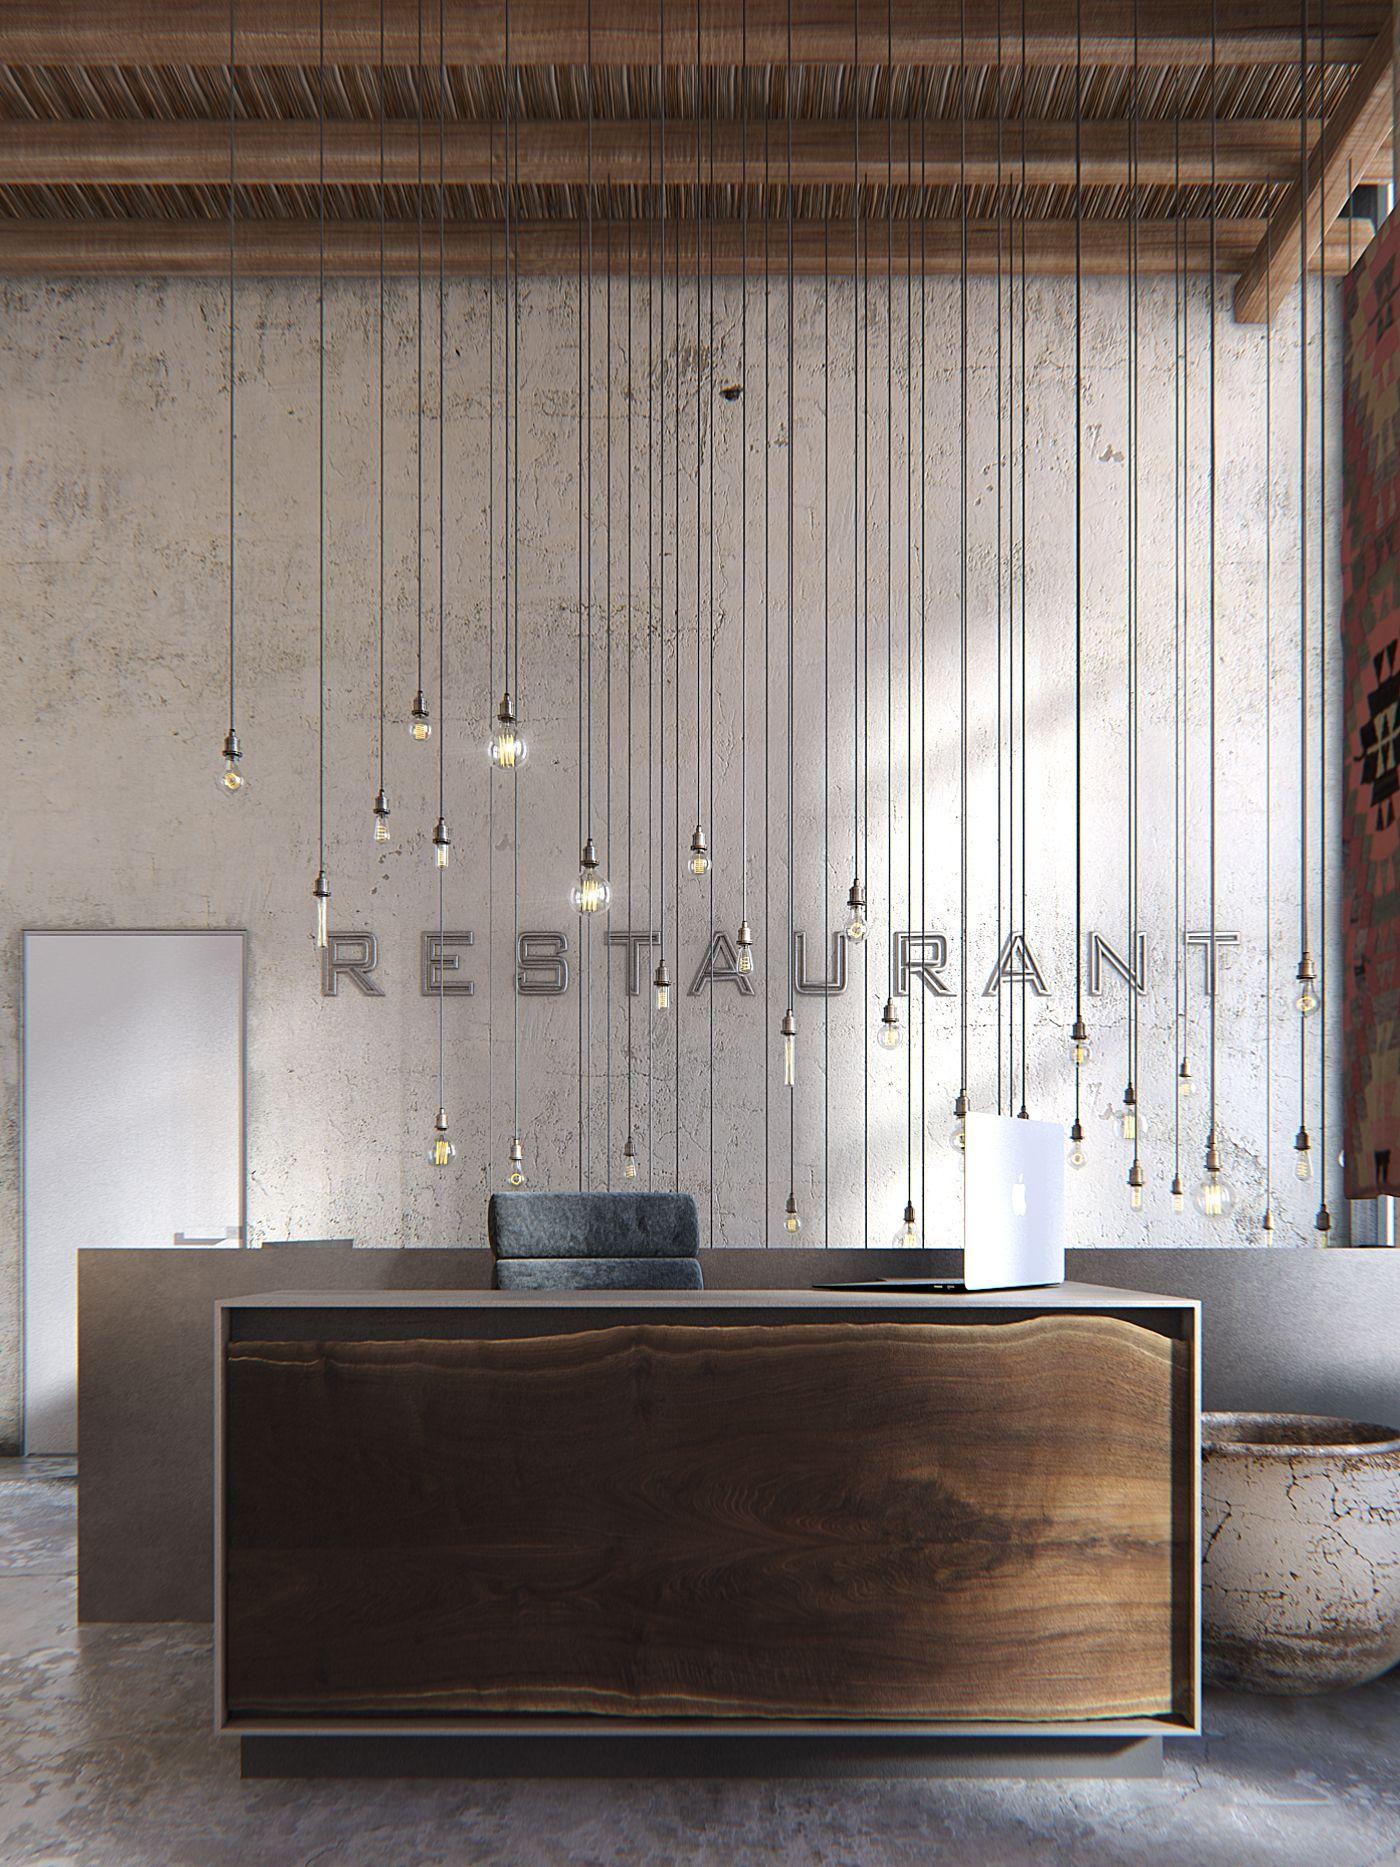 Wabi Sabi Restaurant on Behance | render | Pinterest | Küche